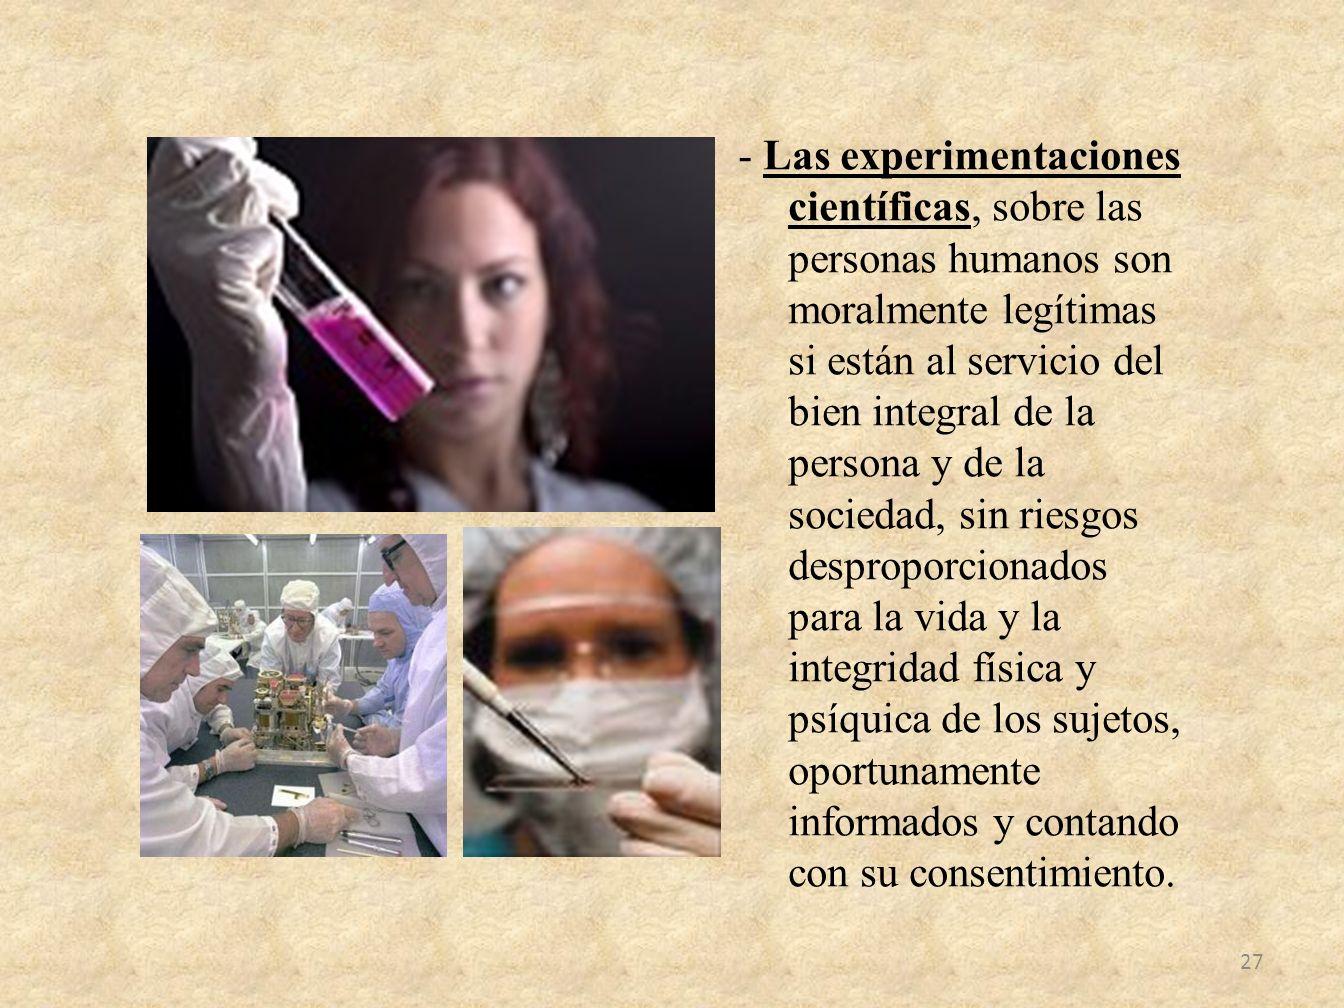 - Las experimentaciones científicas, sobre las personas humanos son moralmente legítimas si están al servicio del bien integral de la persona y de la sociedad, sin riesgos desproporcionados para la vida y la integridad física y psíquica de los sujetos, oportunamente informados y contando con su consentimiento.